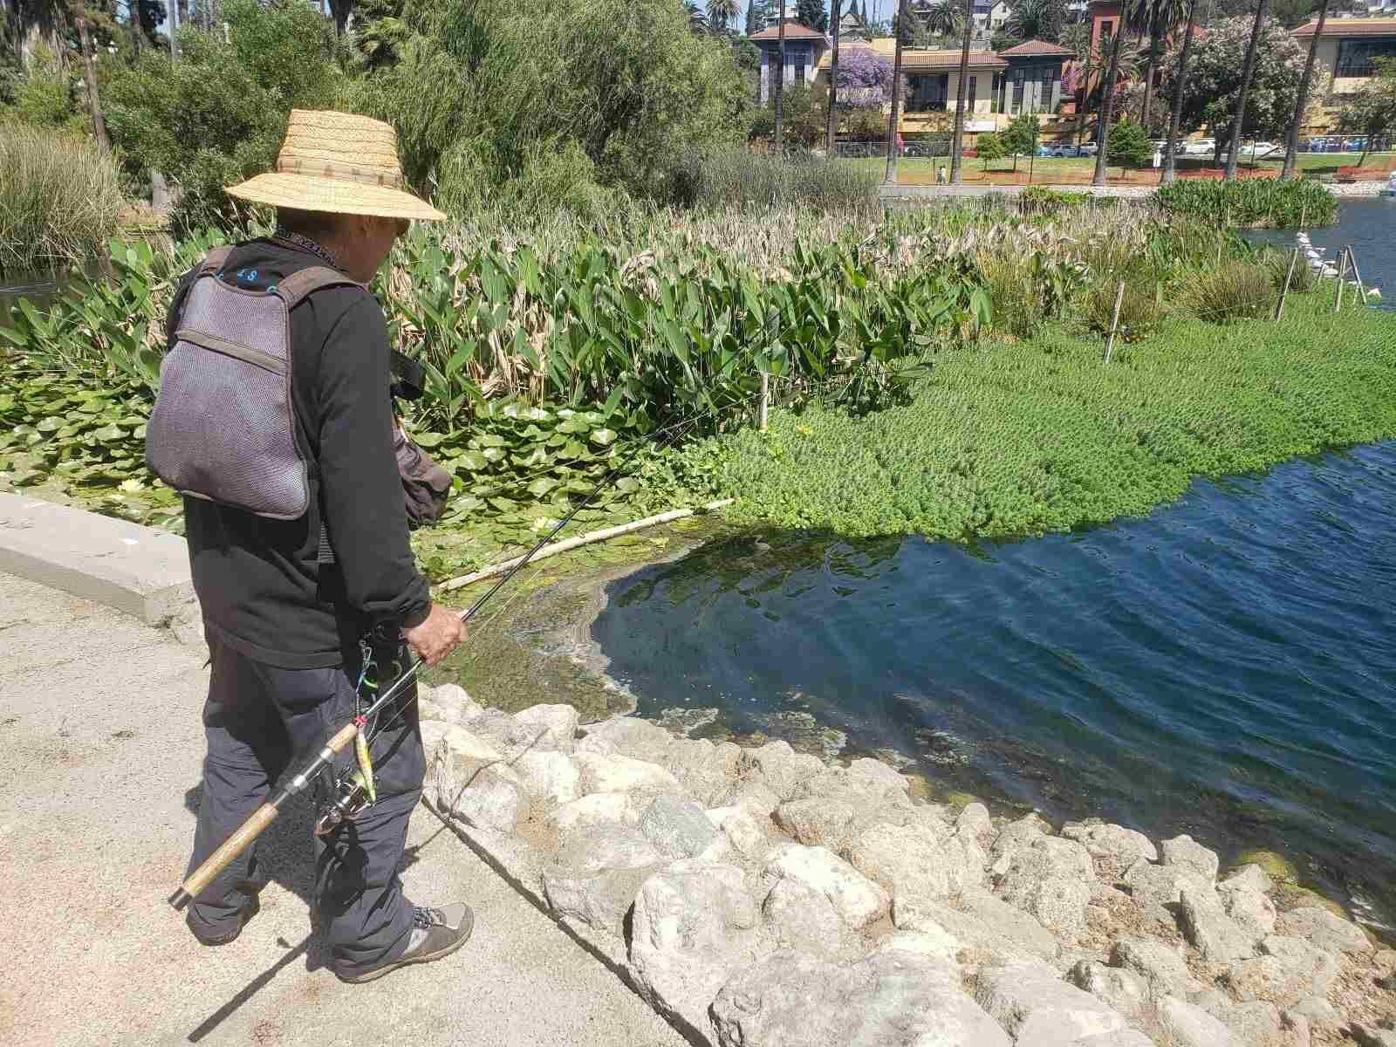 Fisherman at Echo Park Lake reopening